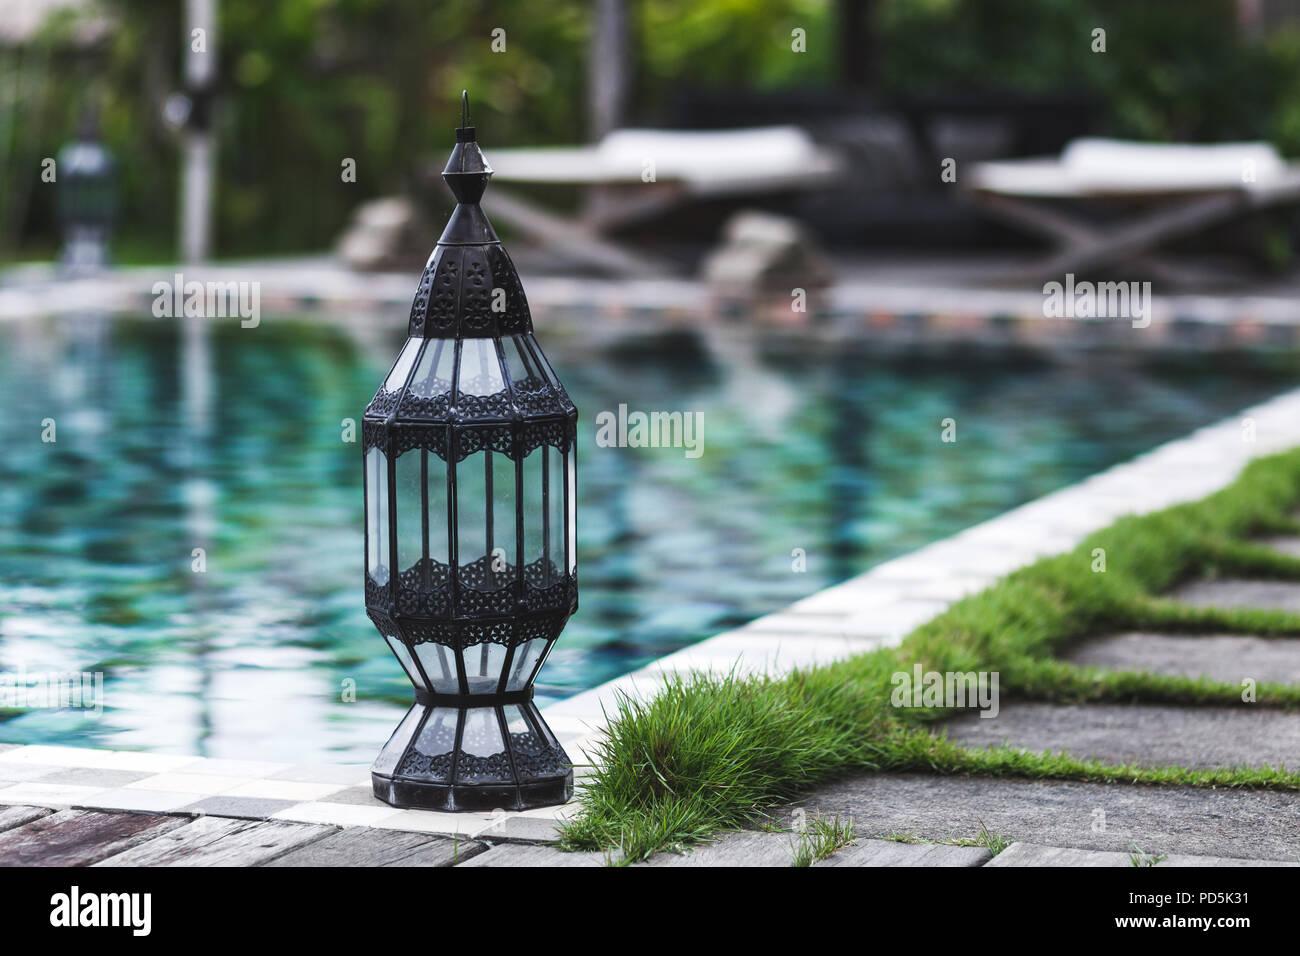 Vintage metal lantern near swimming pool - Stock Image